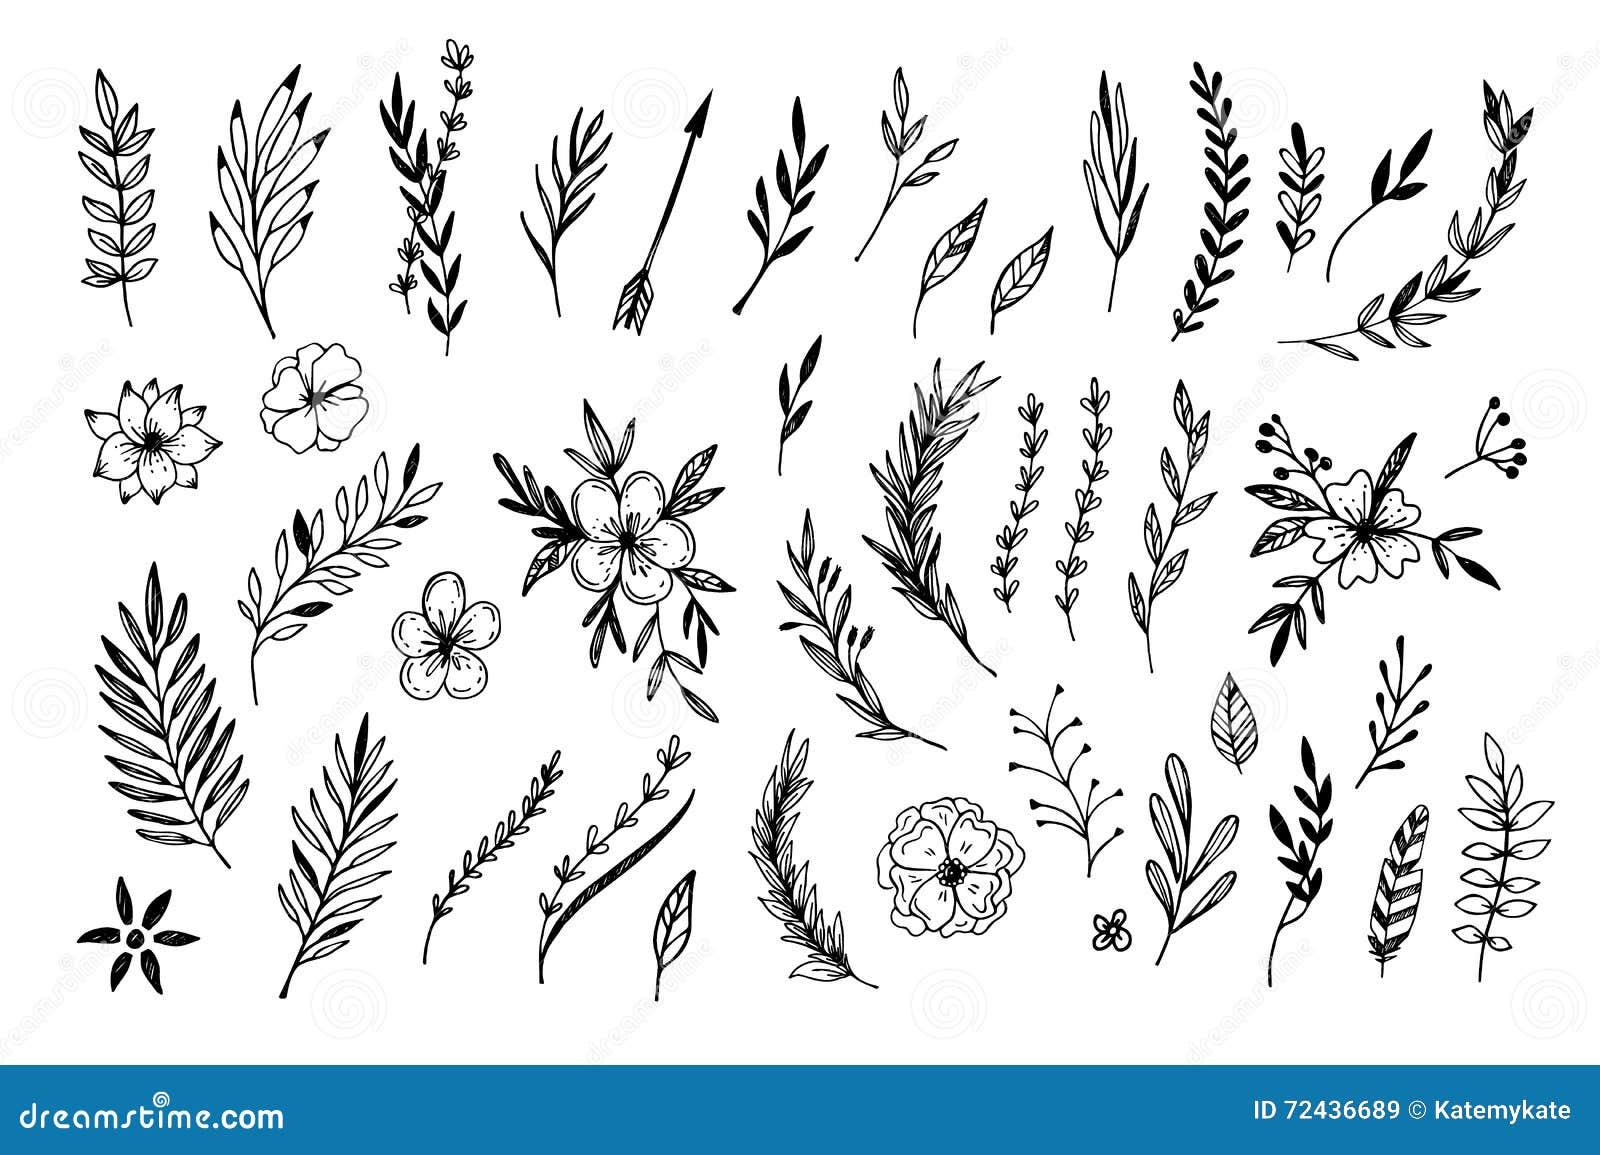 Flower Line Drawing Vintage : Vintage floral botanical flower drawings royalty free